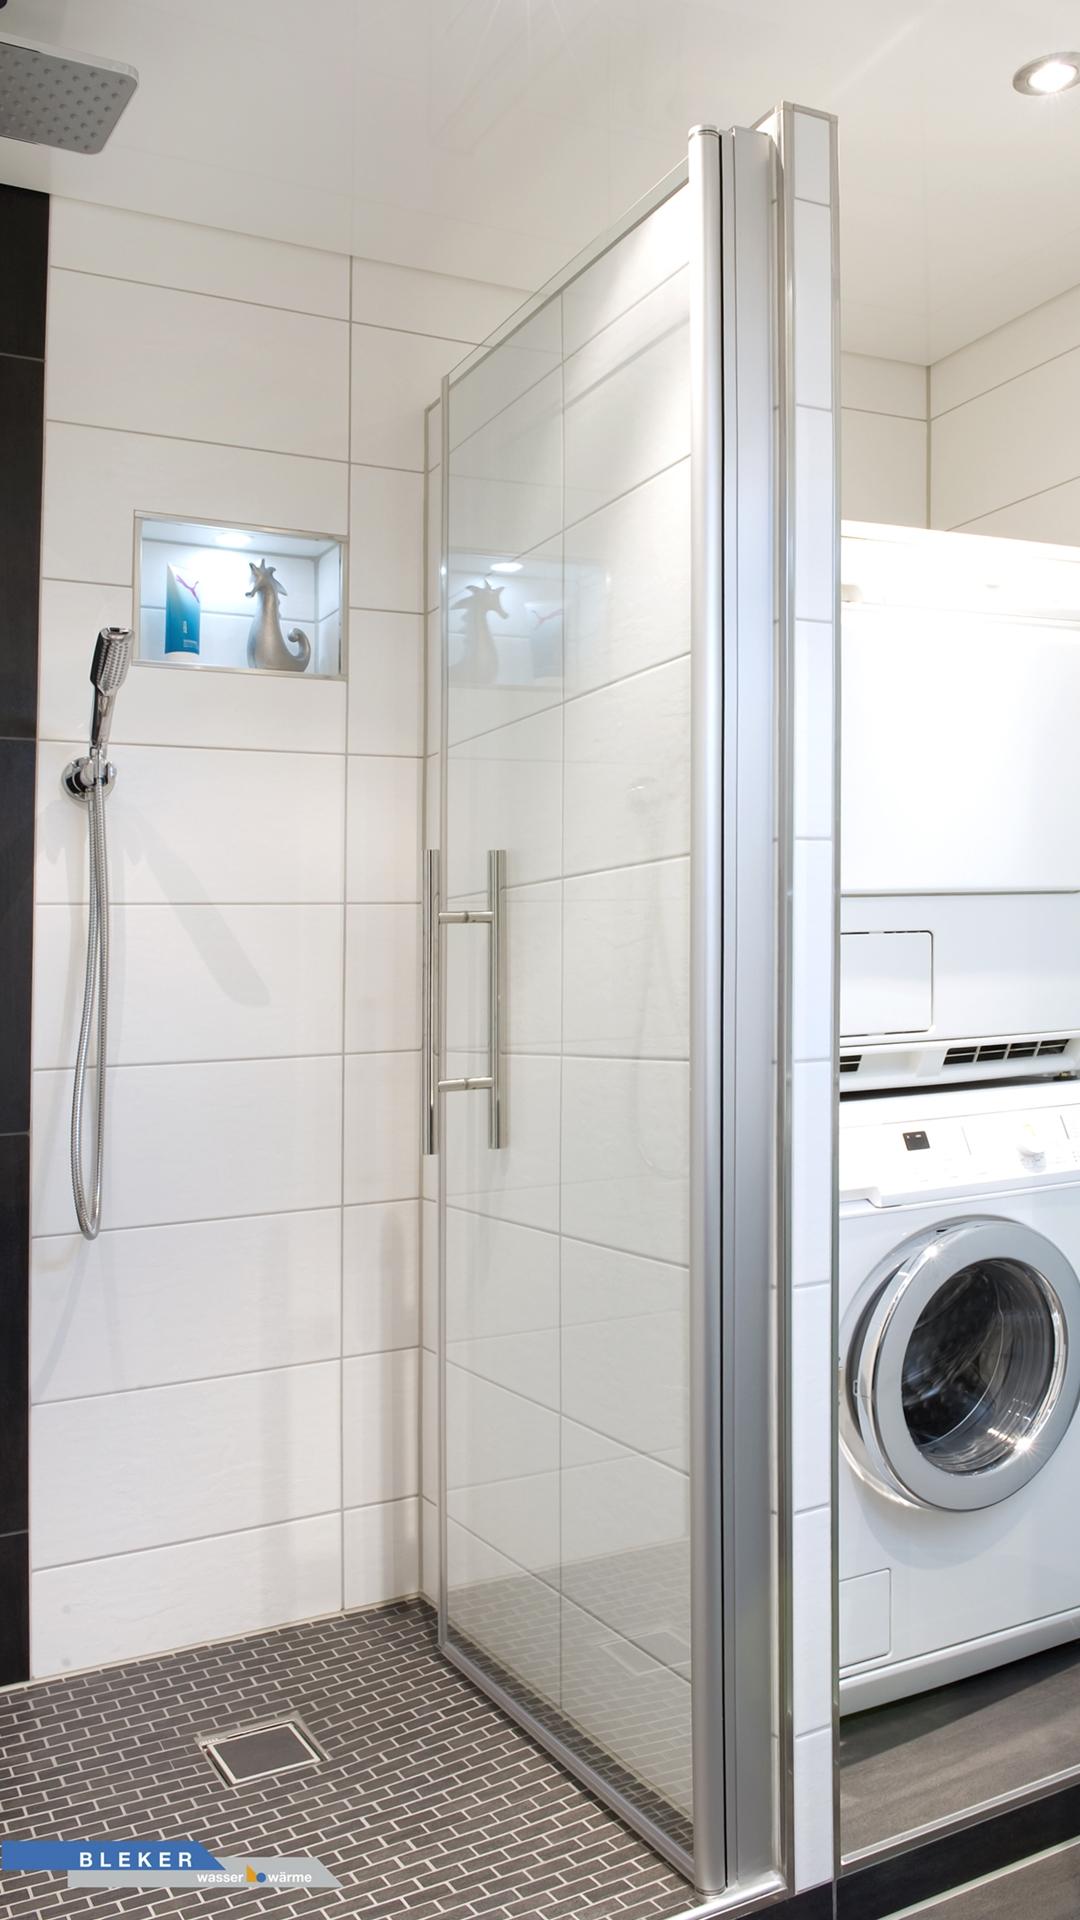 Abstellraum im Bad für Waschmaschine und Trockner neben der Dusche